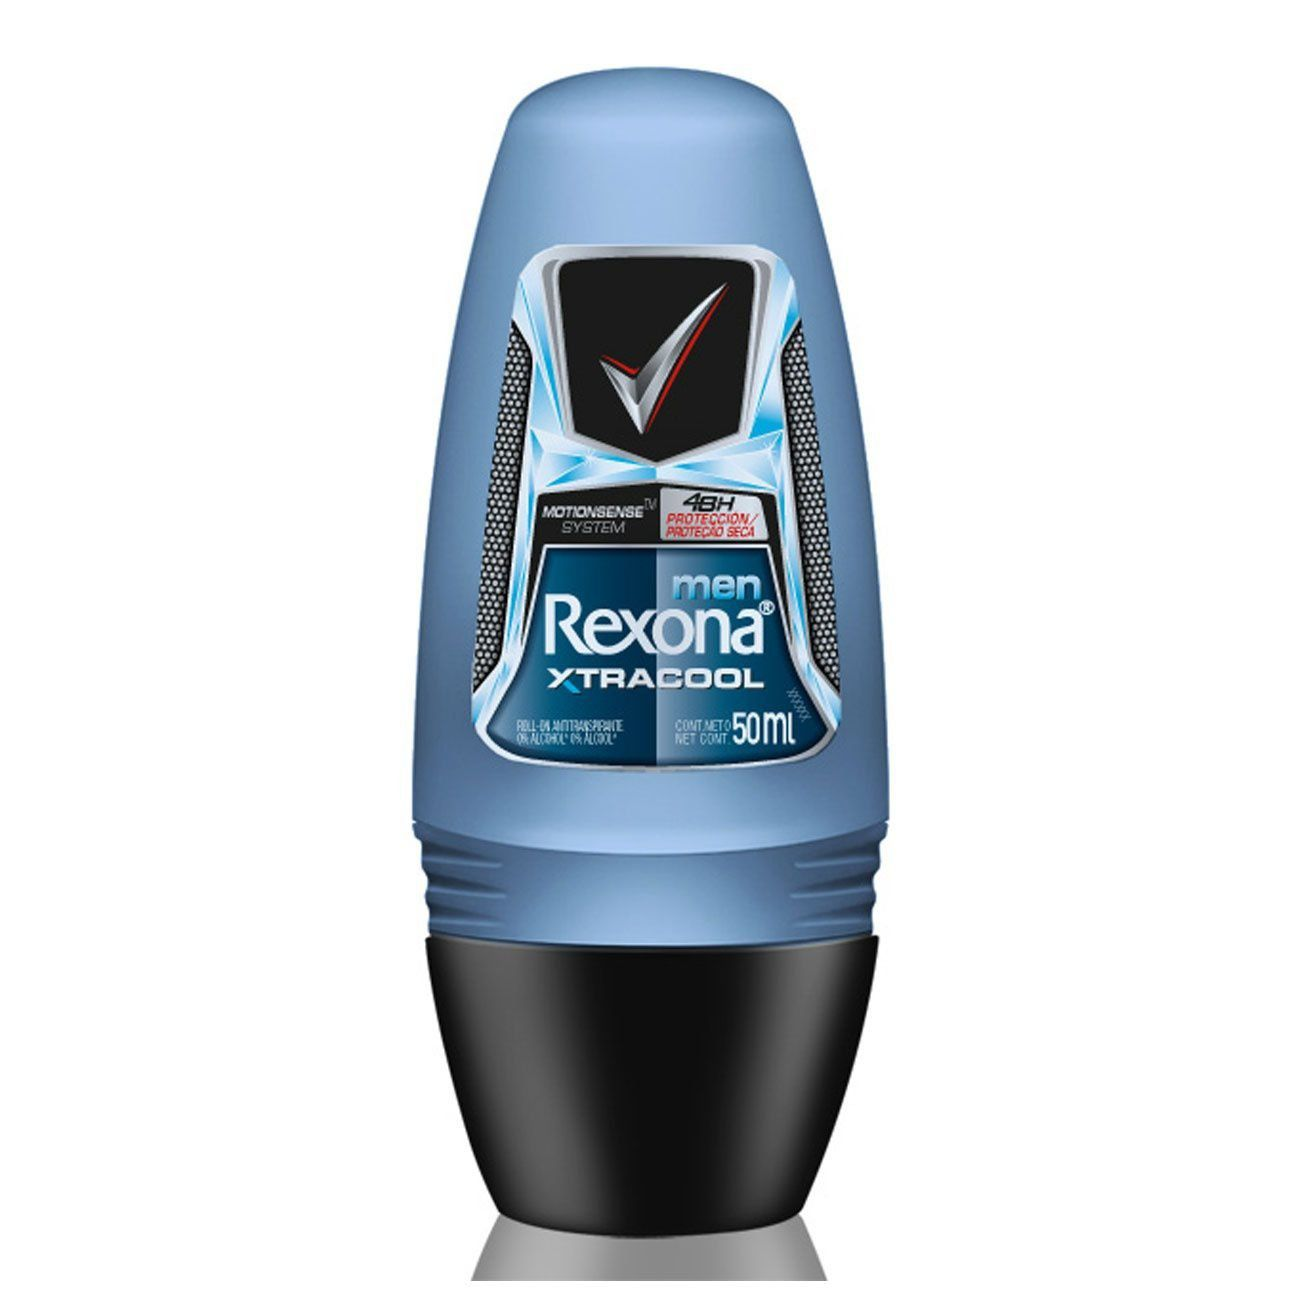 Desodorante Antitranspirante Rexona Men Xtracool Roll-on